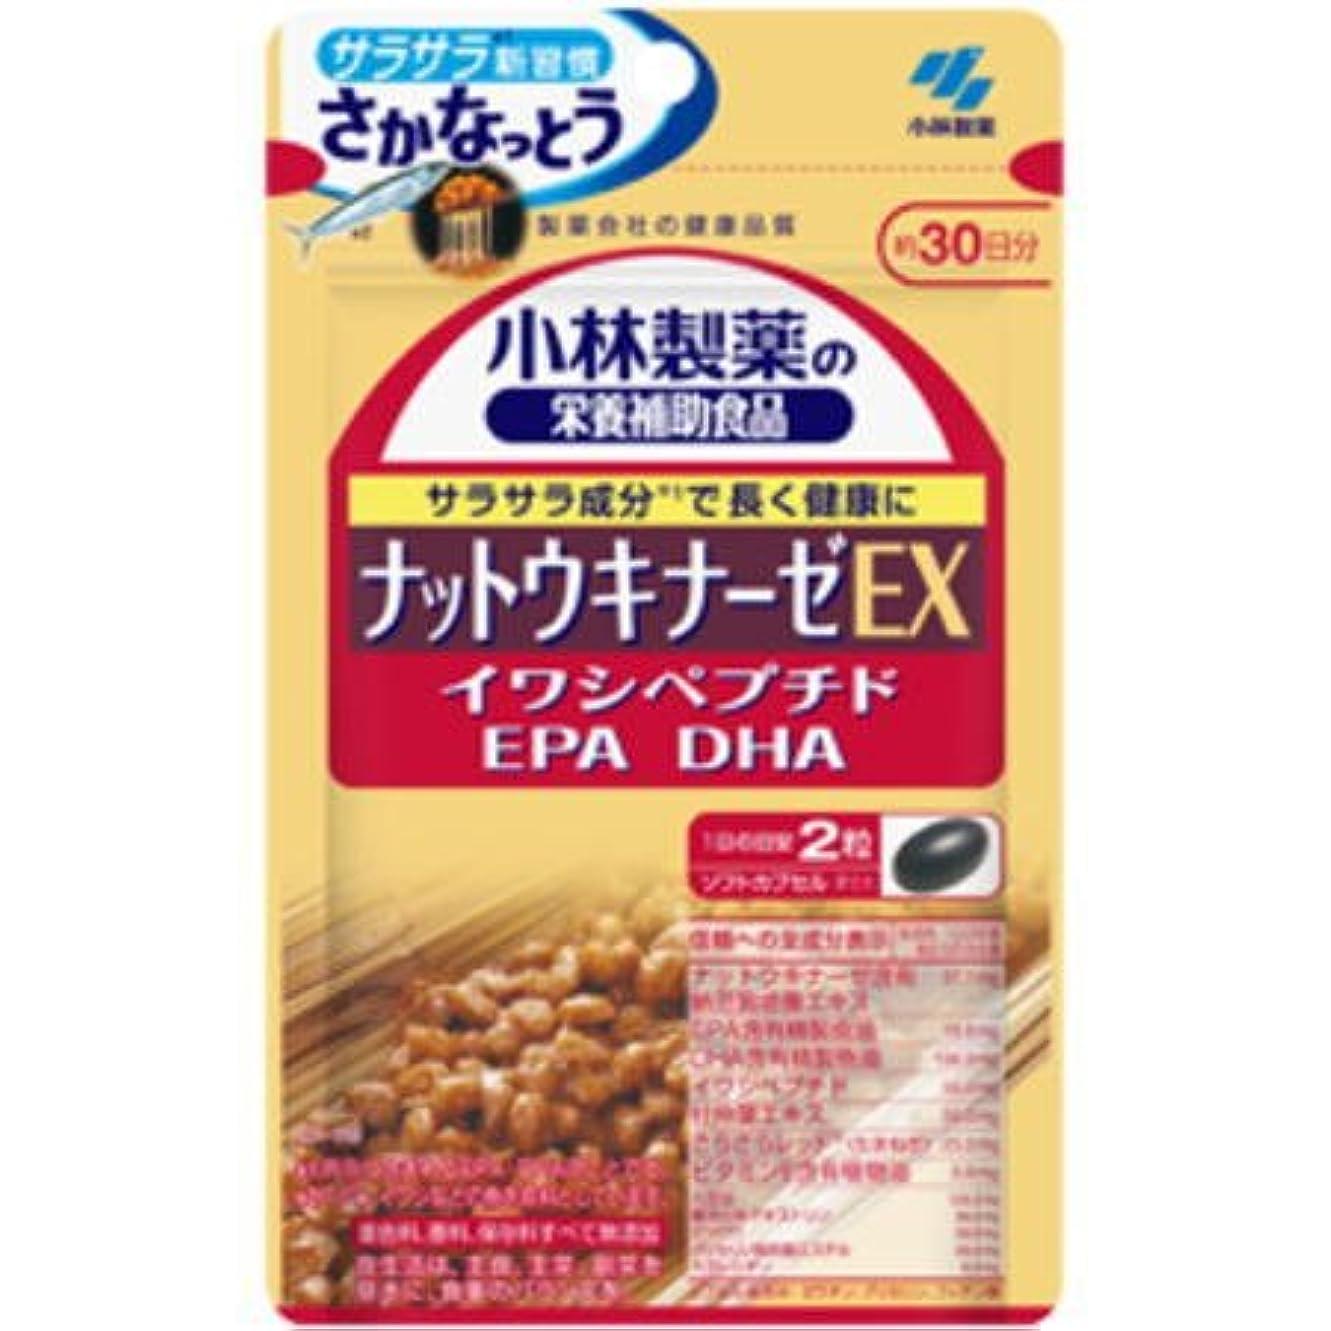 製造業精査するソファー【小林製薬】ナットウキナーゼEX 60粒(お買い得3個セット)